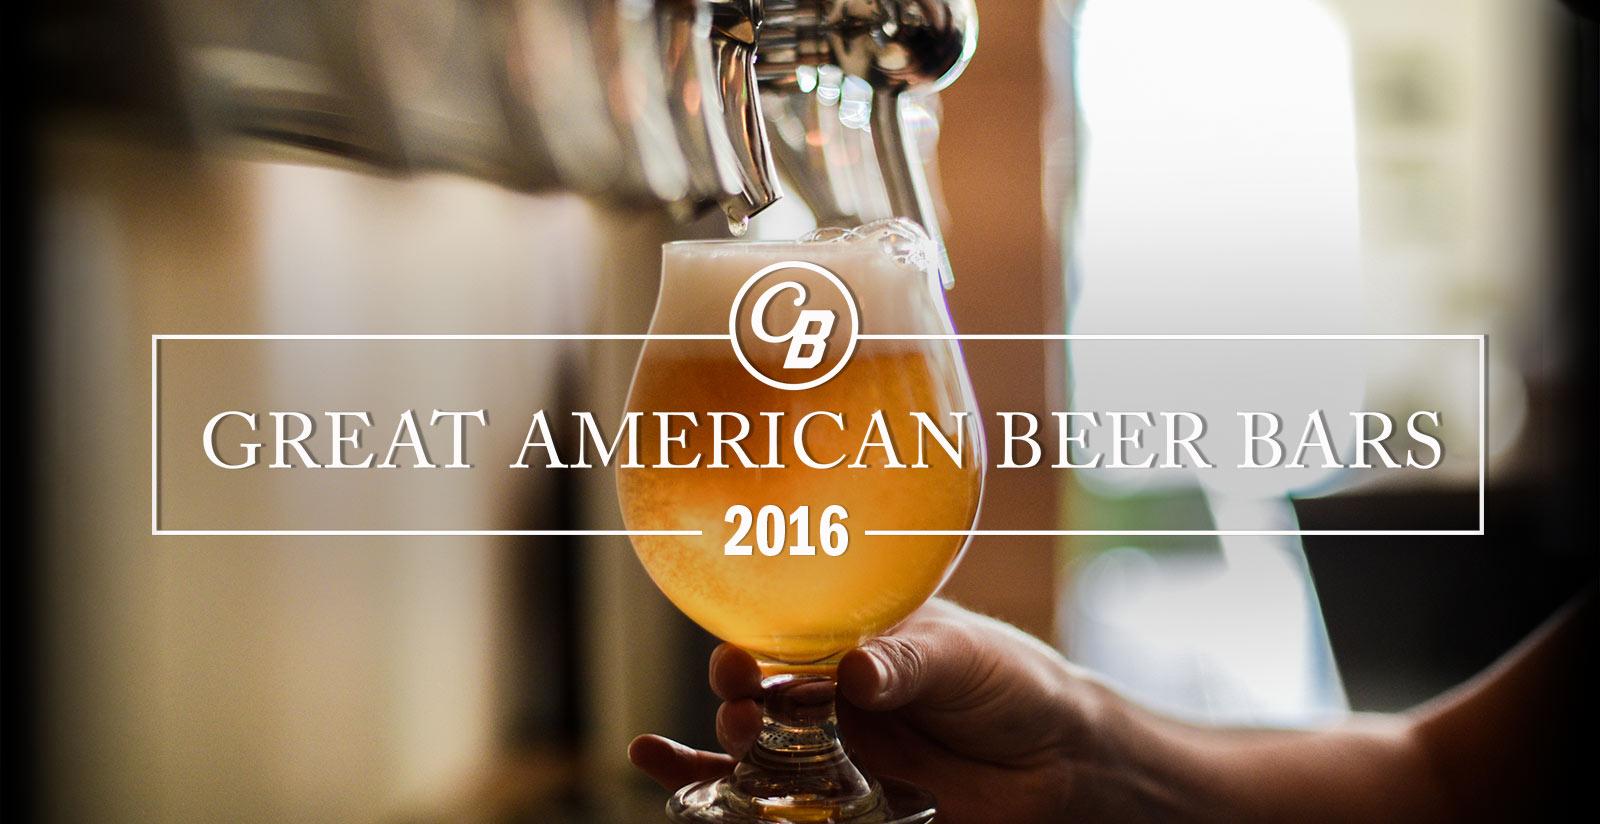 Great American Beer Bars 2016